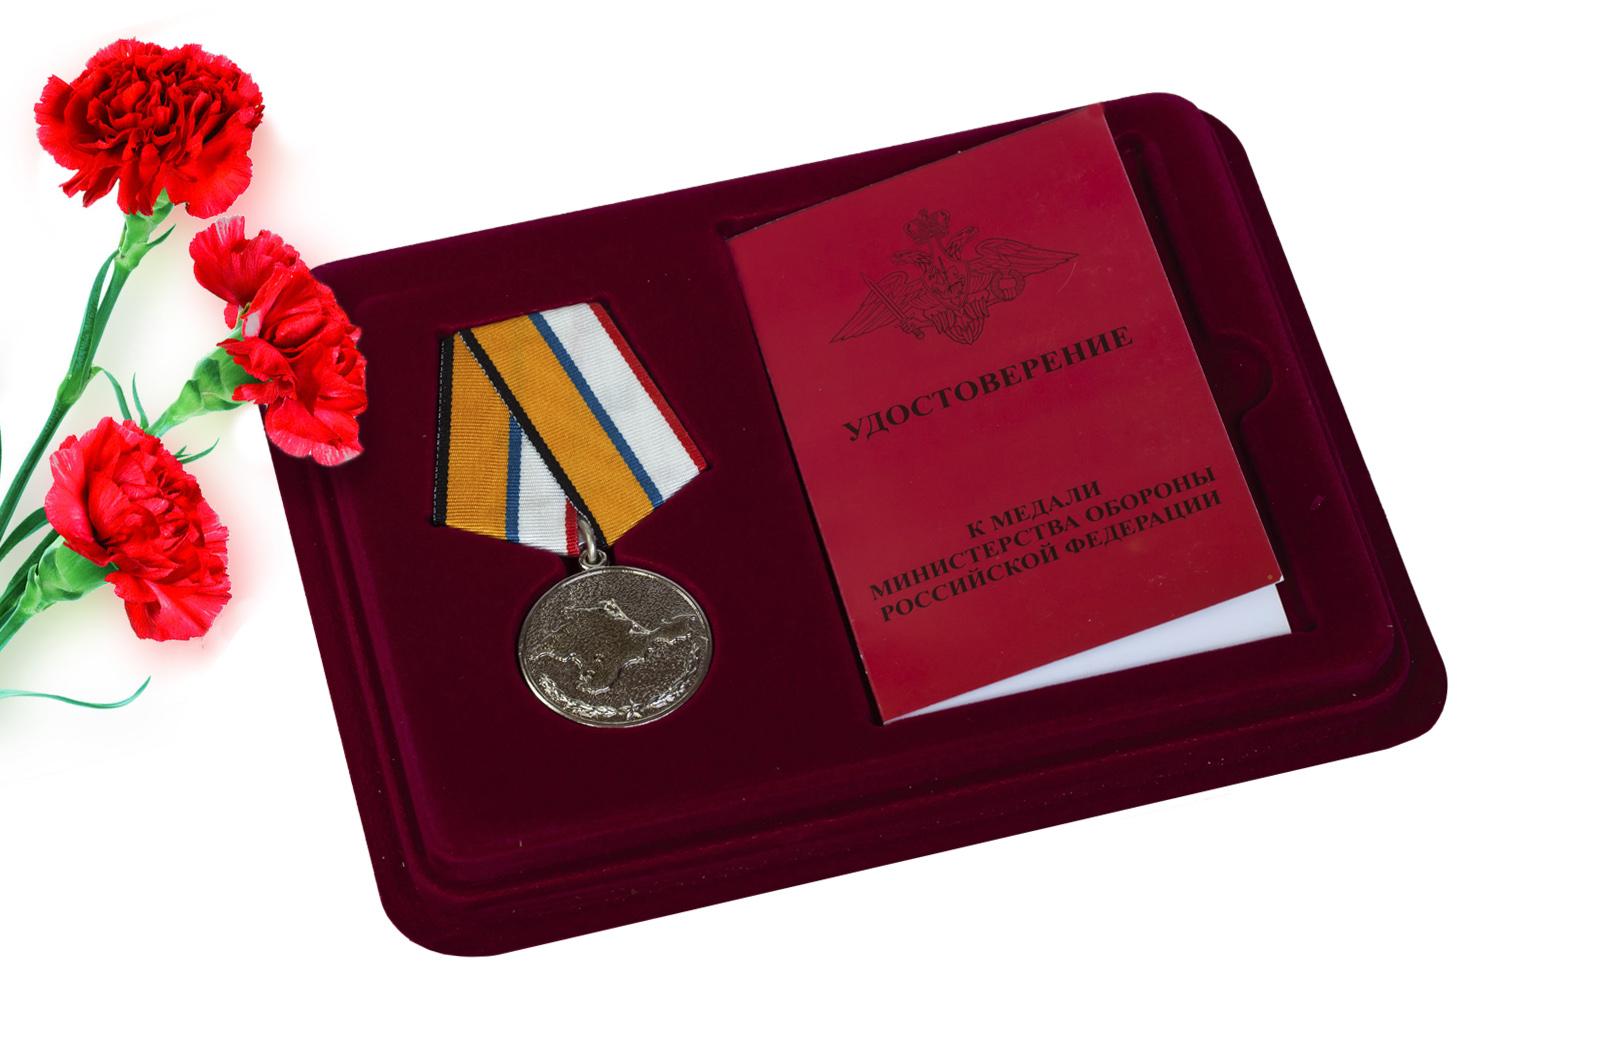 Купить медаль За возвращение Крыма в футляре с удостоверением по низкой цене